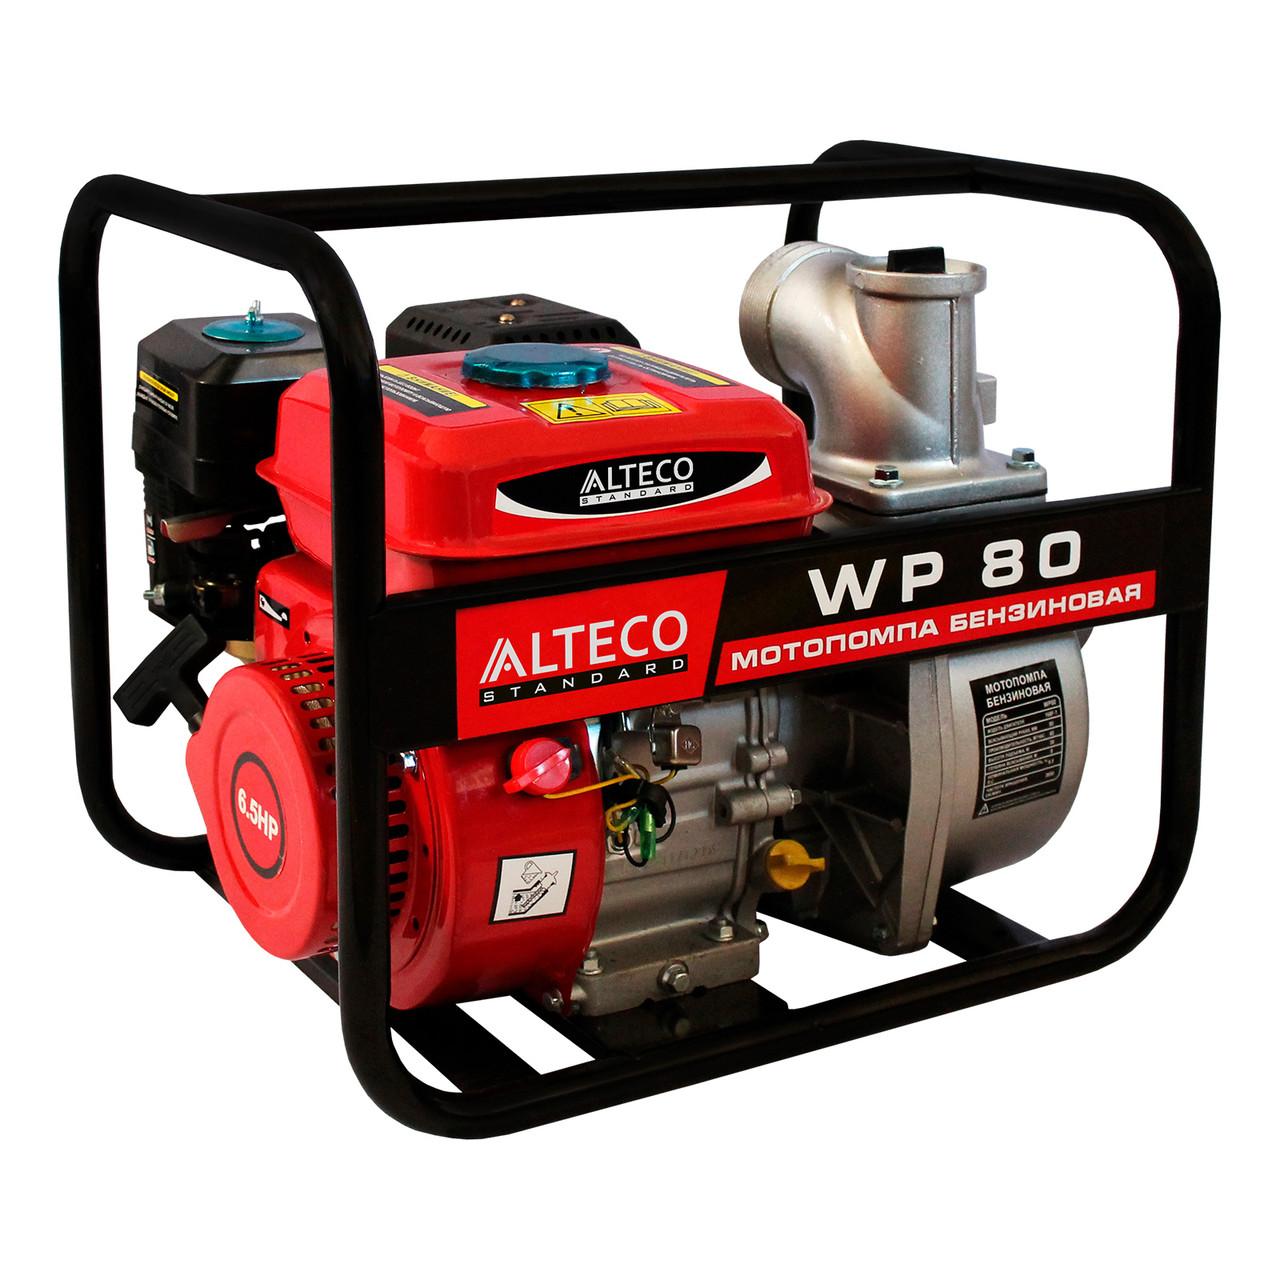 Бензиновая мотопомпа ALTECO WP 80